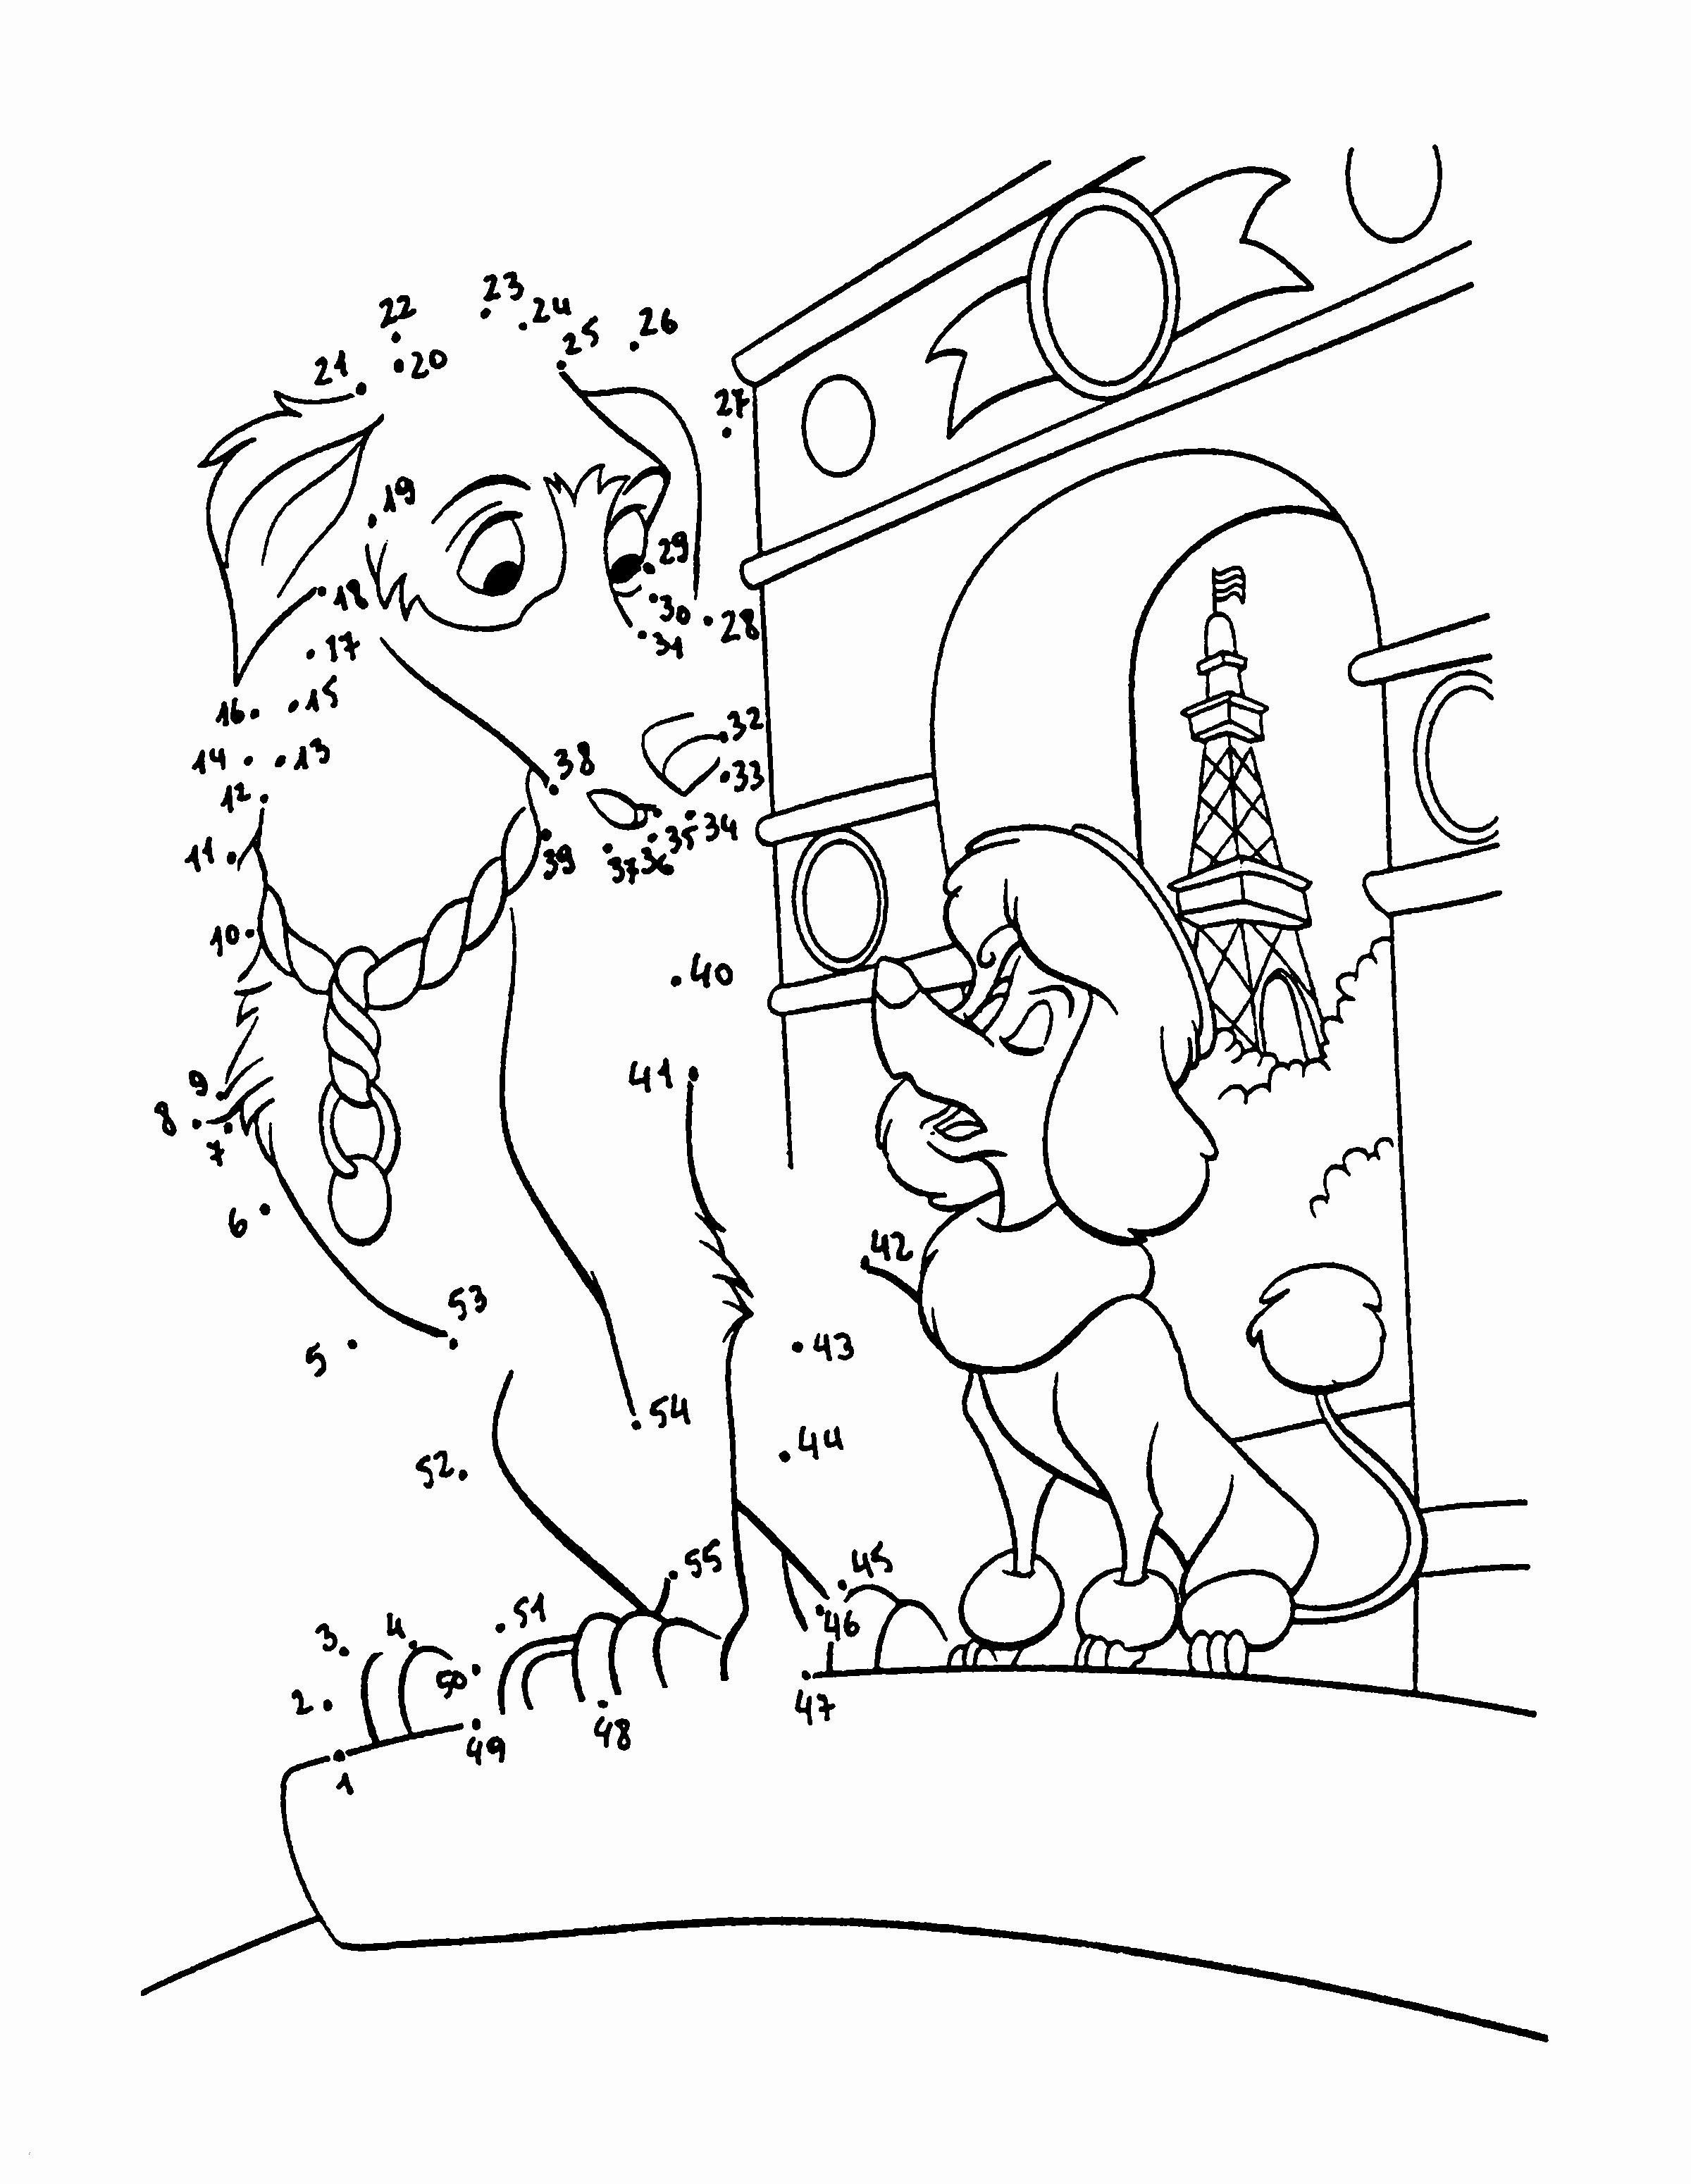 Adler Zeichnungen Zum Ausmalen Inspirierend Adler Ausmalbilder Einzigartig Adler Zum Ausmalen Uploadertalk Neu Bilder